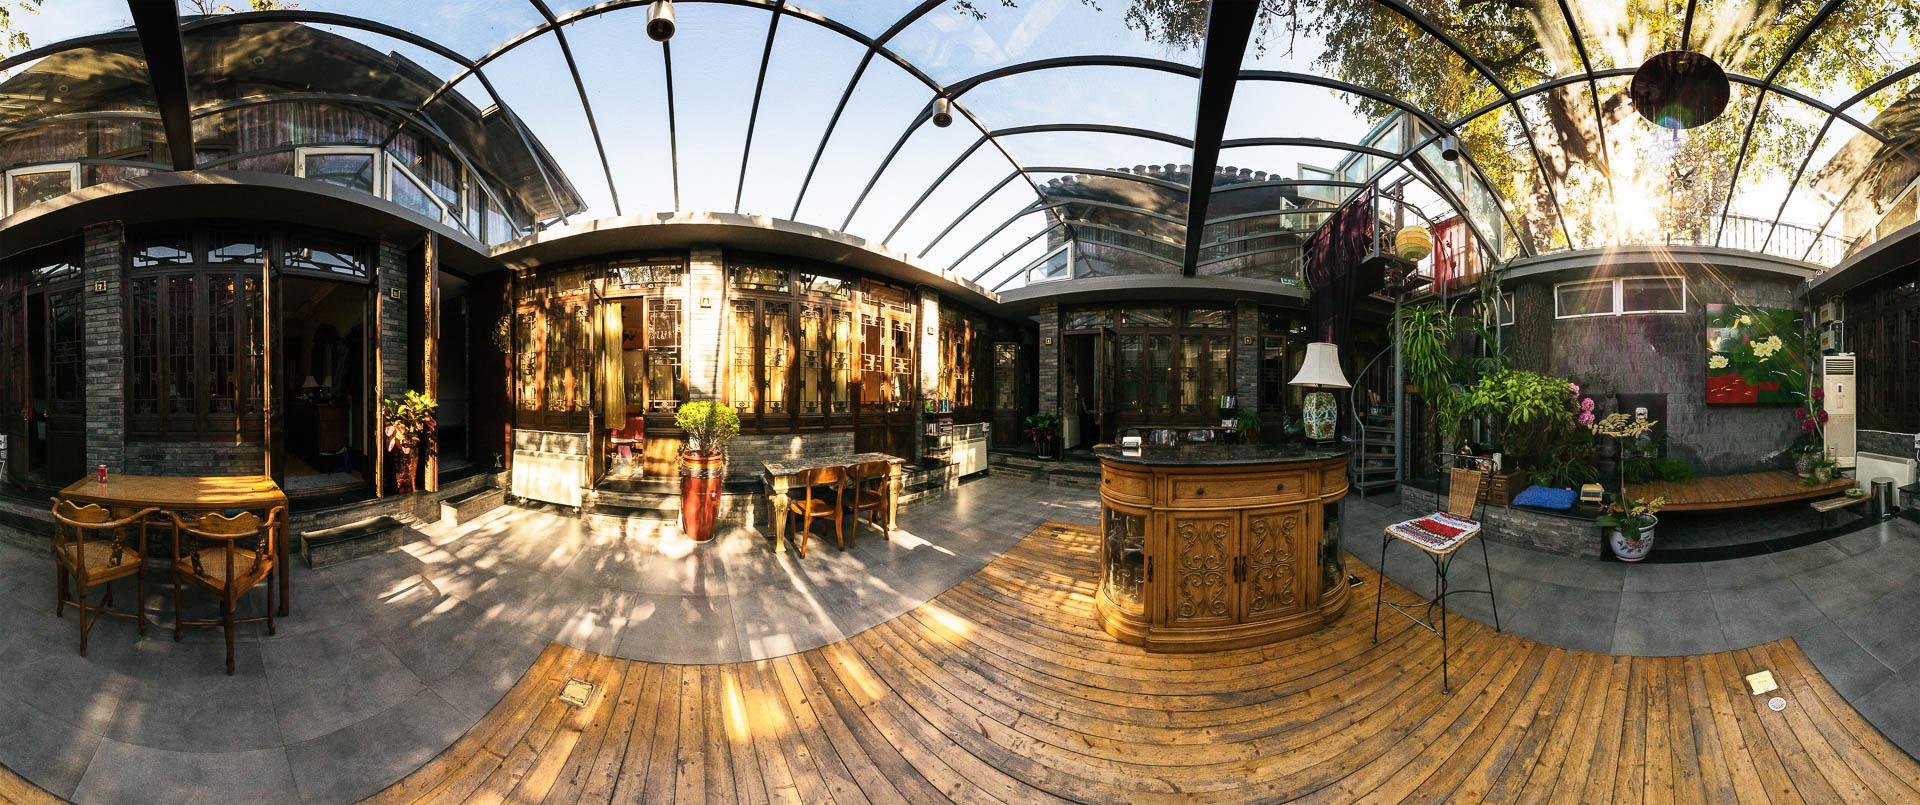 Hutong Hostel in Beijing by Beijing by Tobi Bohn Panorama 360 Fotograf